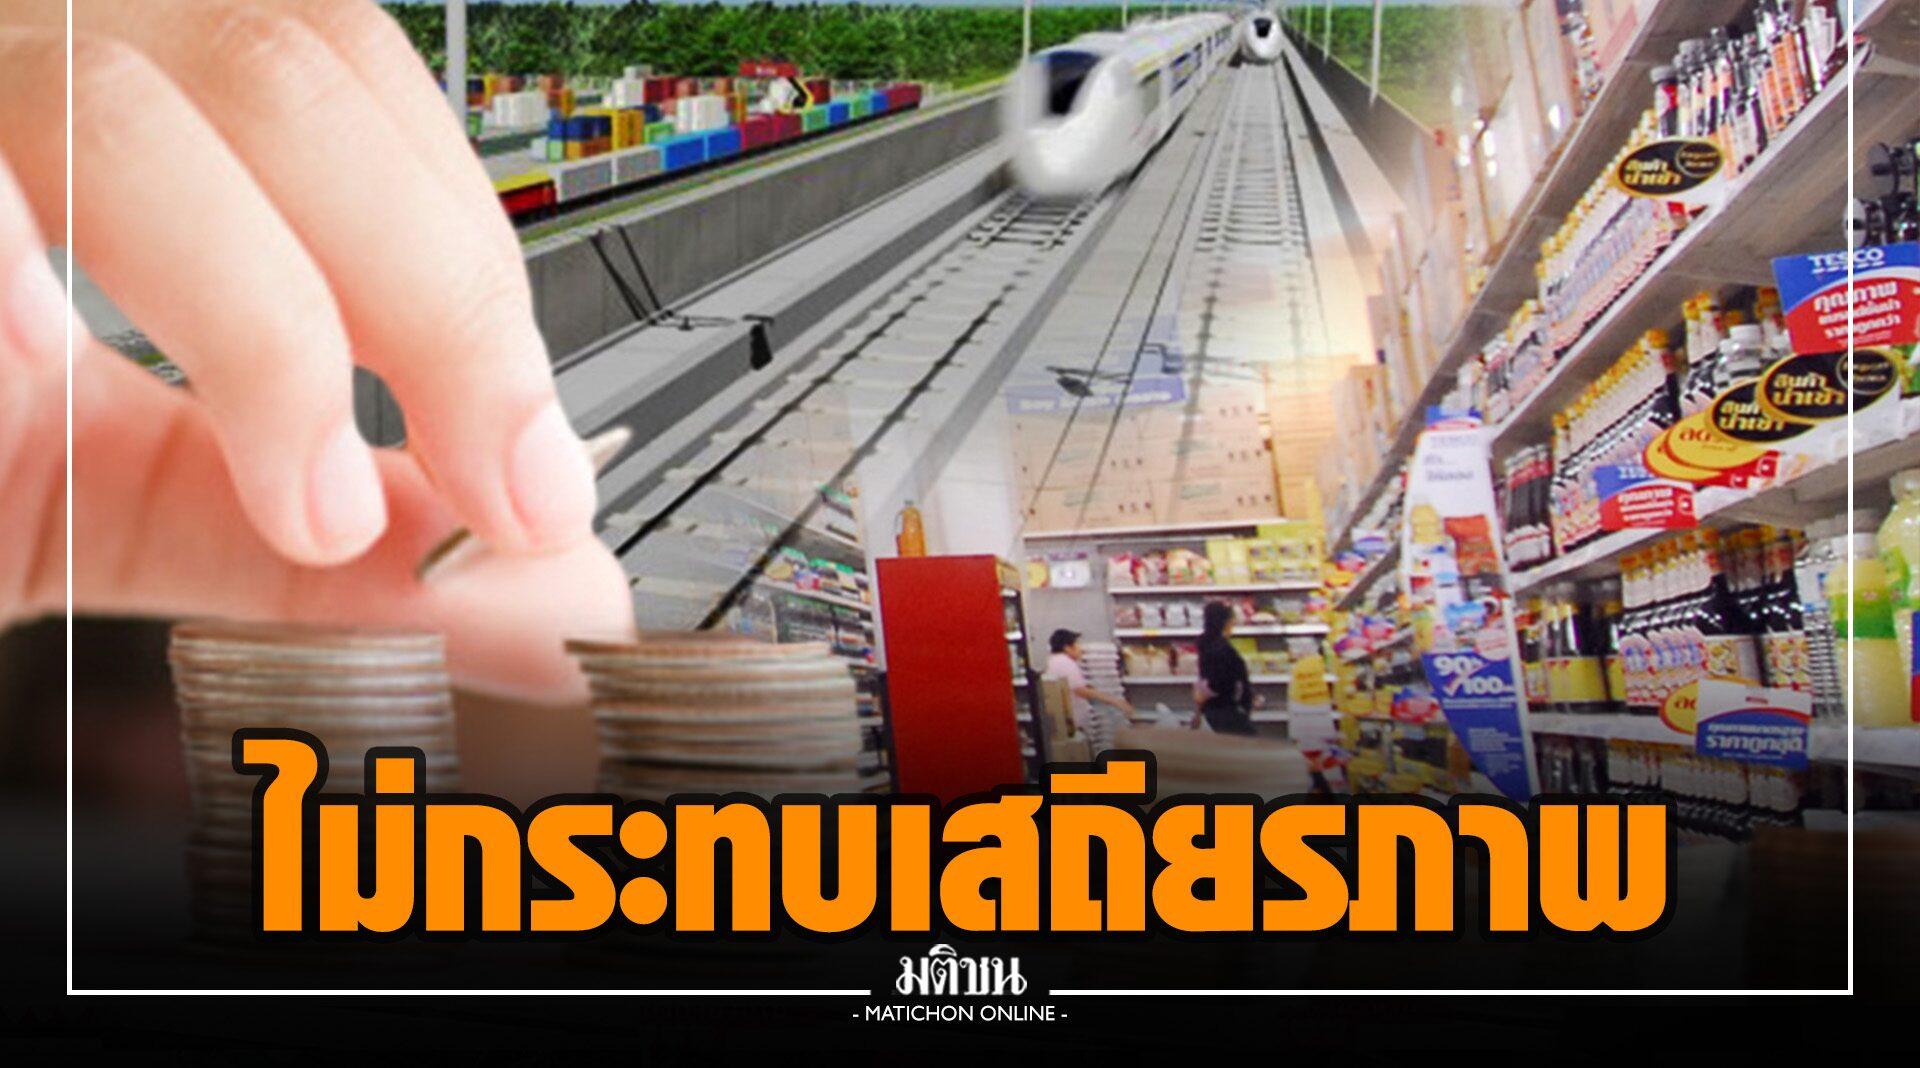 ศูนย์วิจัยกสิกรไทย เผยดันเพดานหนี้สาธารณะ 70% ไม่กระทบเสถียรภาพการคลัง แต่ระยะยาวรัฐต้องหารายได้เพิ่ม